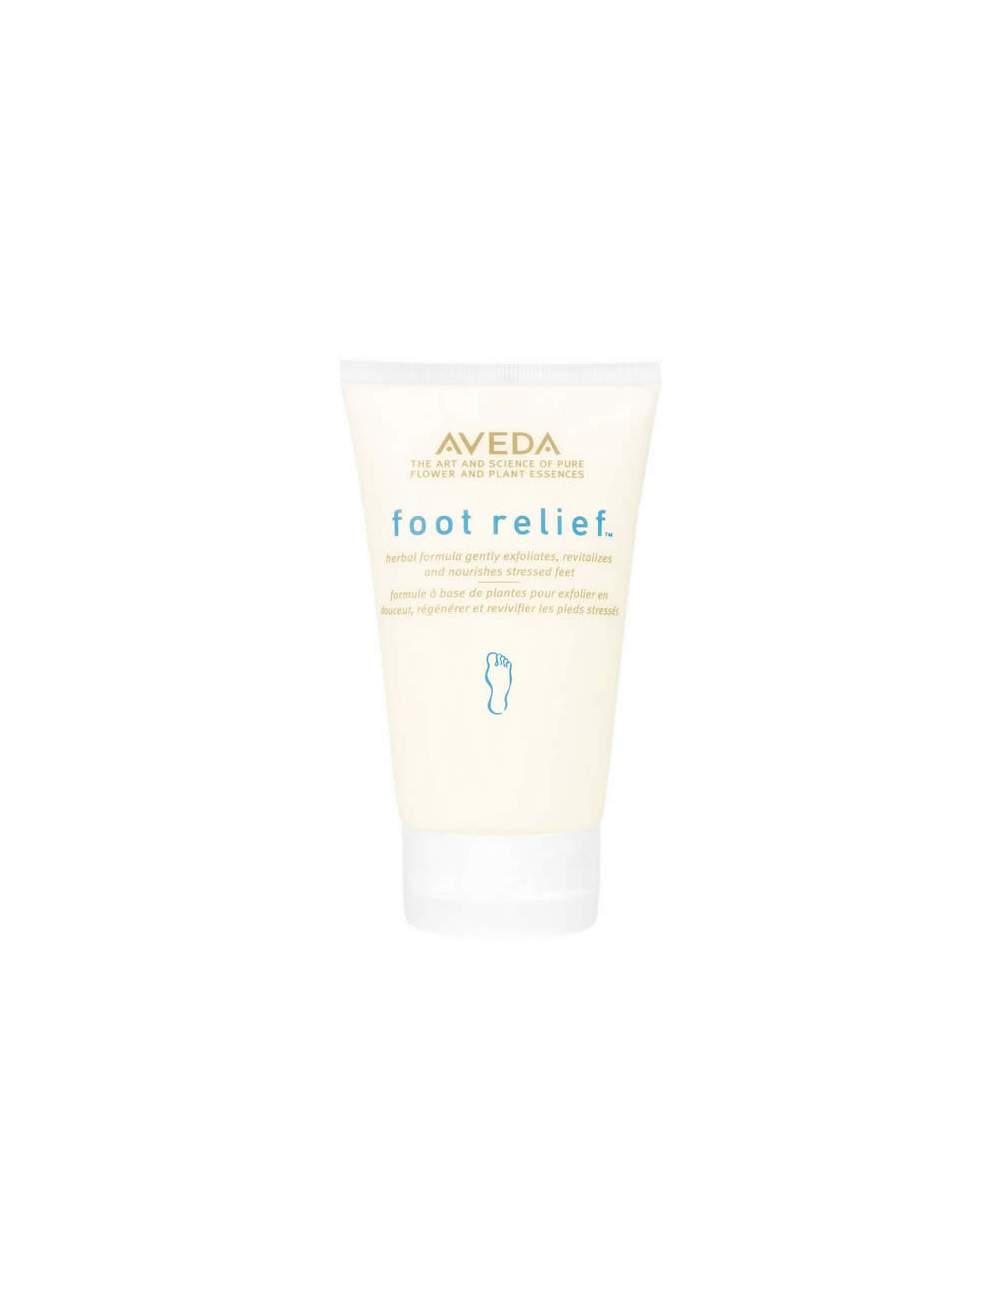 Crème Hydratante de Pieds Ayurvédique Foot Relief. Aveda